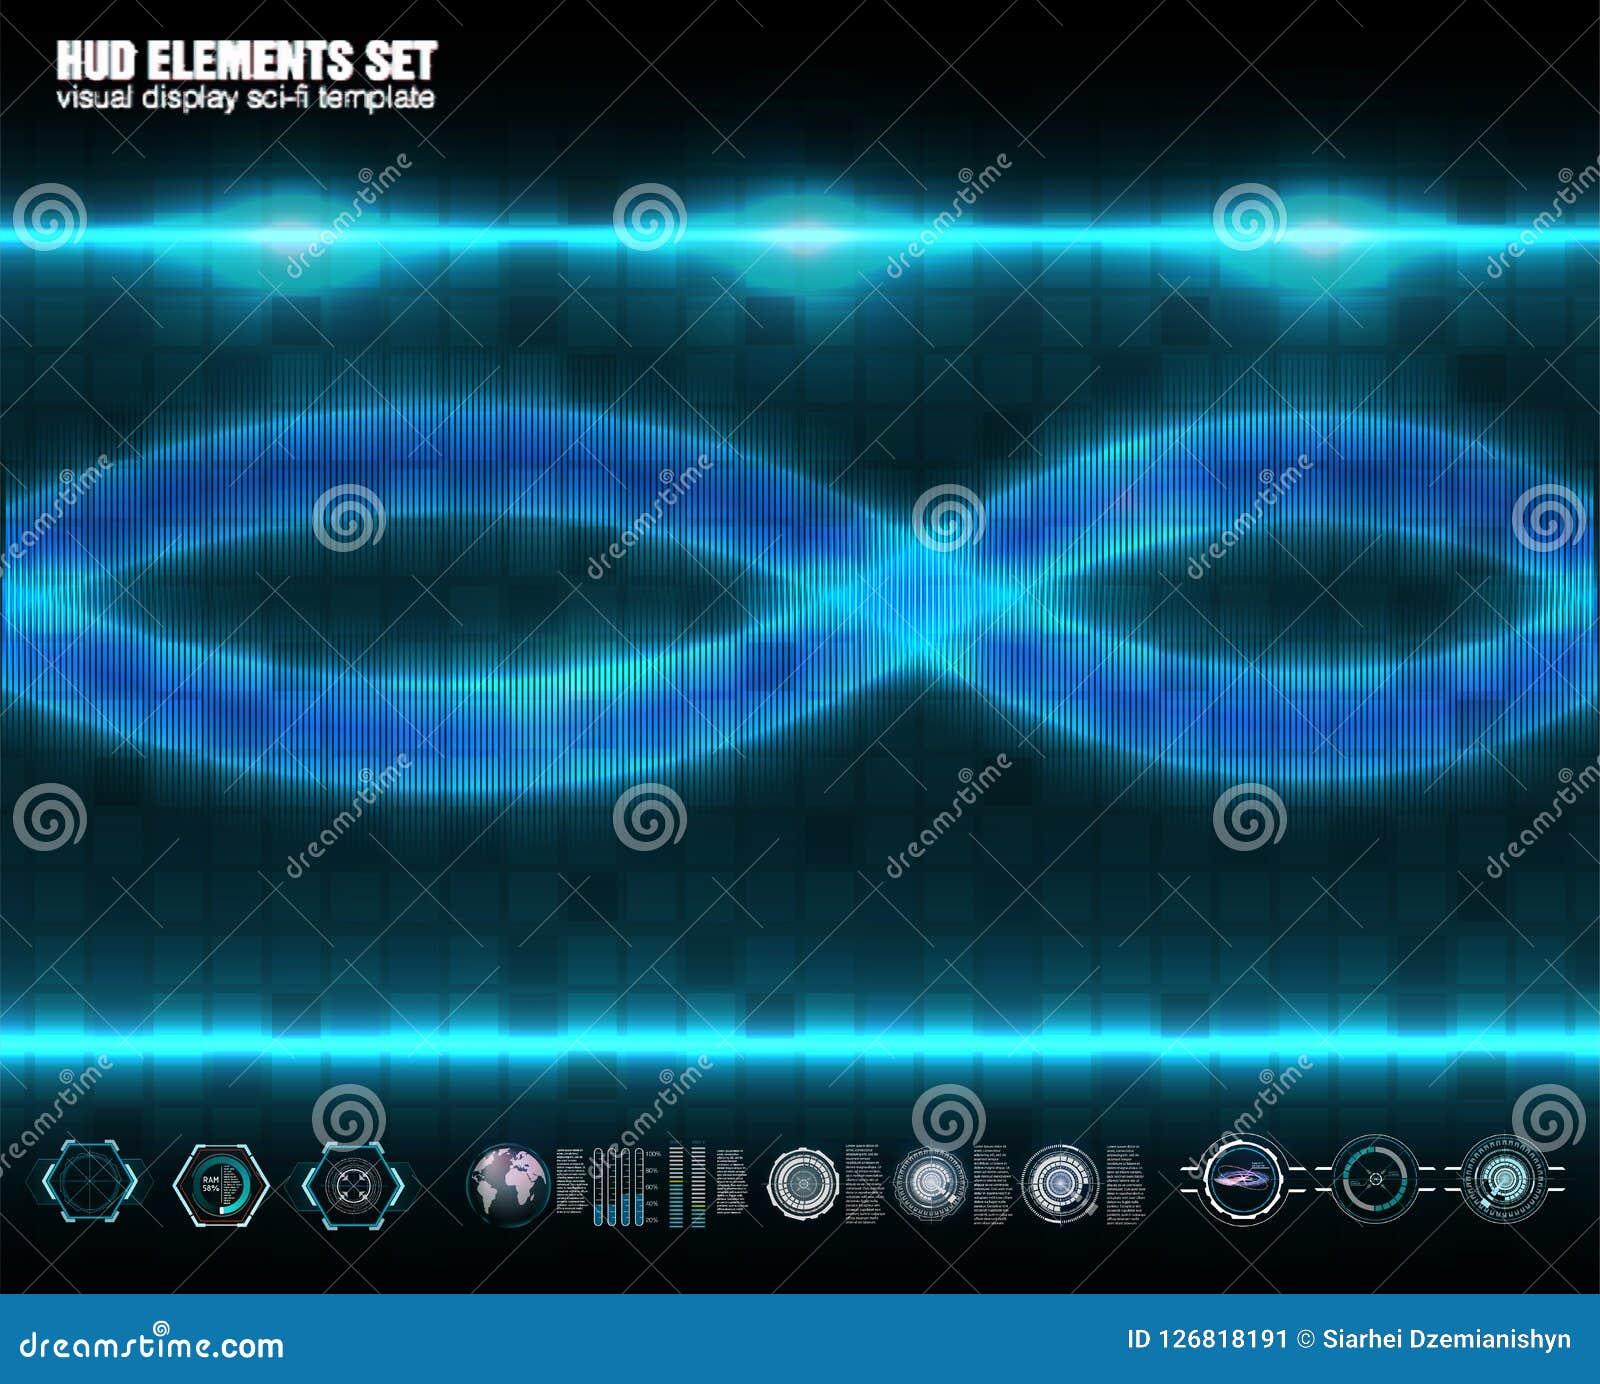 Tecnología abstracta, interfaz futurista del hud del concepto del ui, comunicación, computando, DNA, elementos del holograma de l